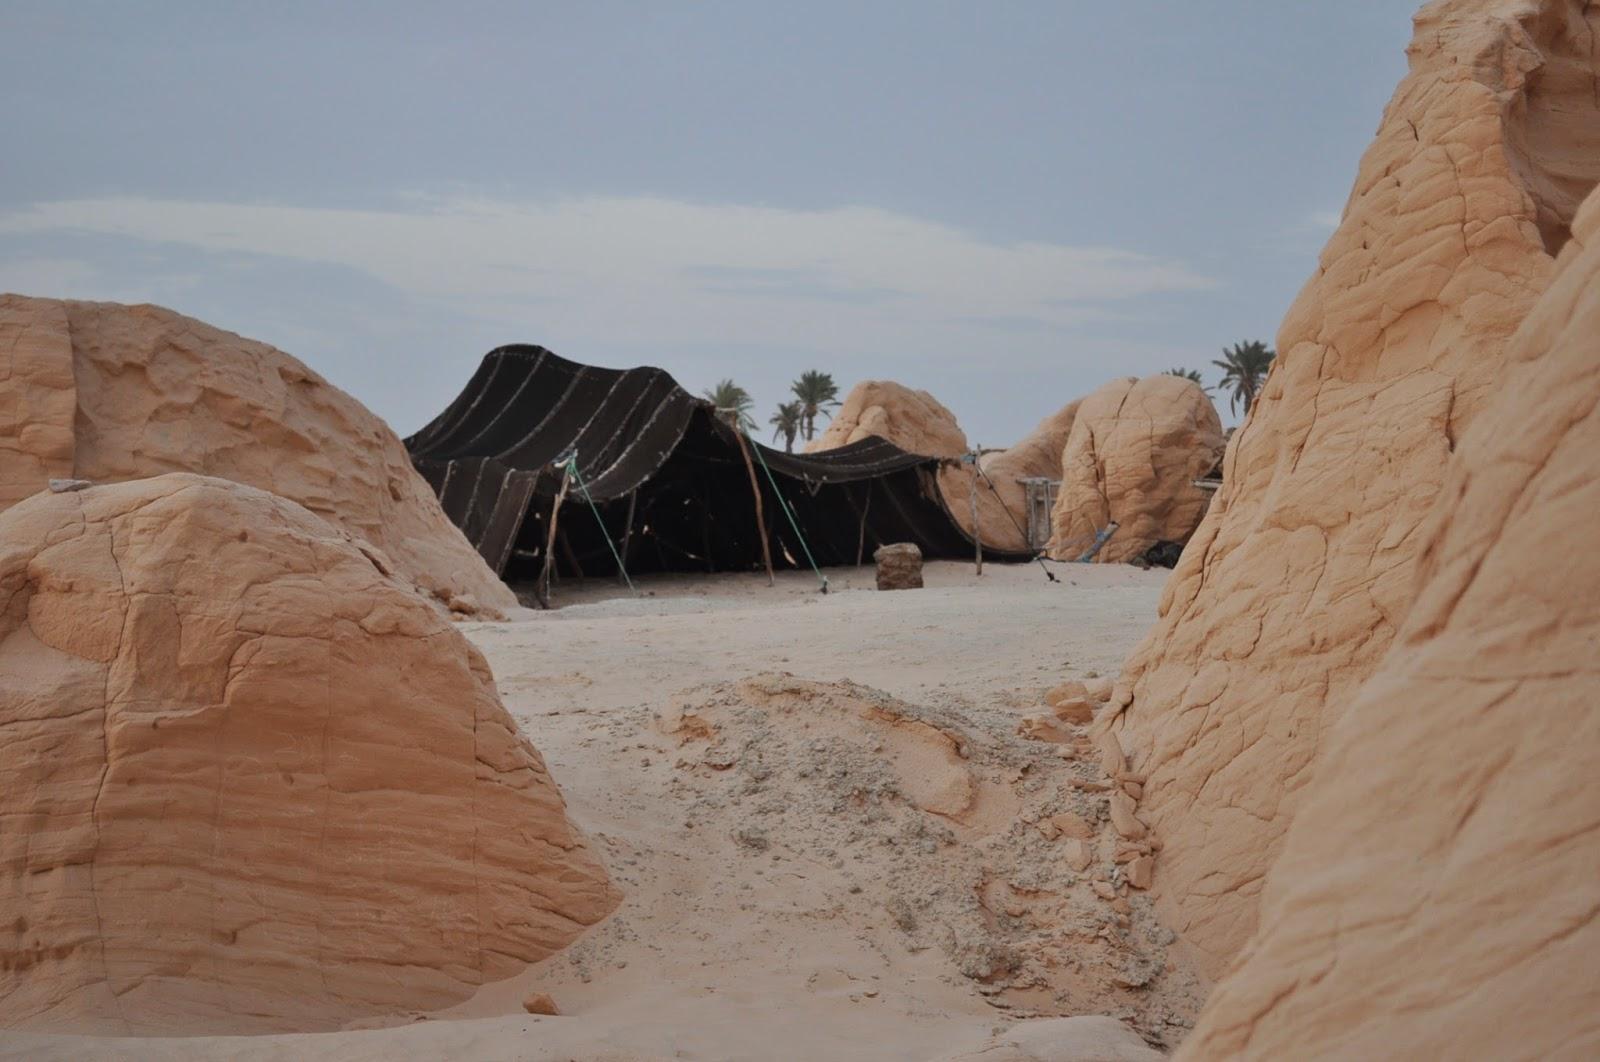 Навсякъде в по-туристическите части на пустинята са опнати следните възстановки на шатри щото да радват туристите